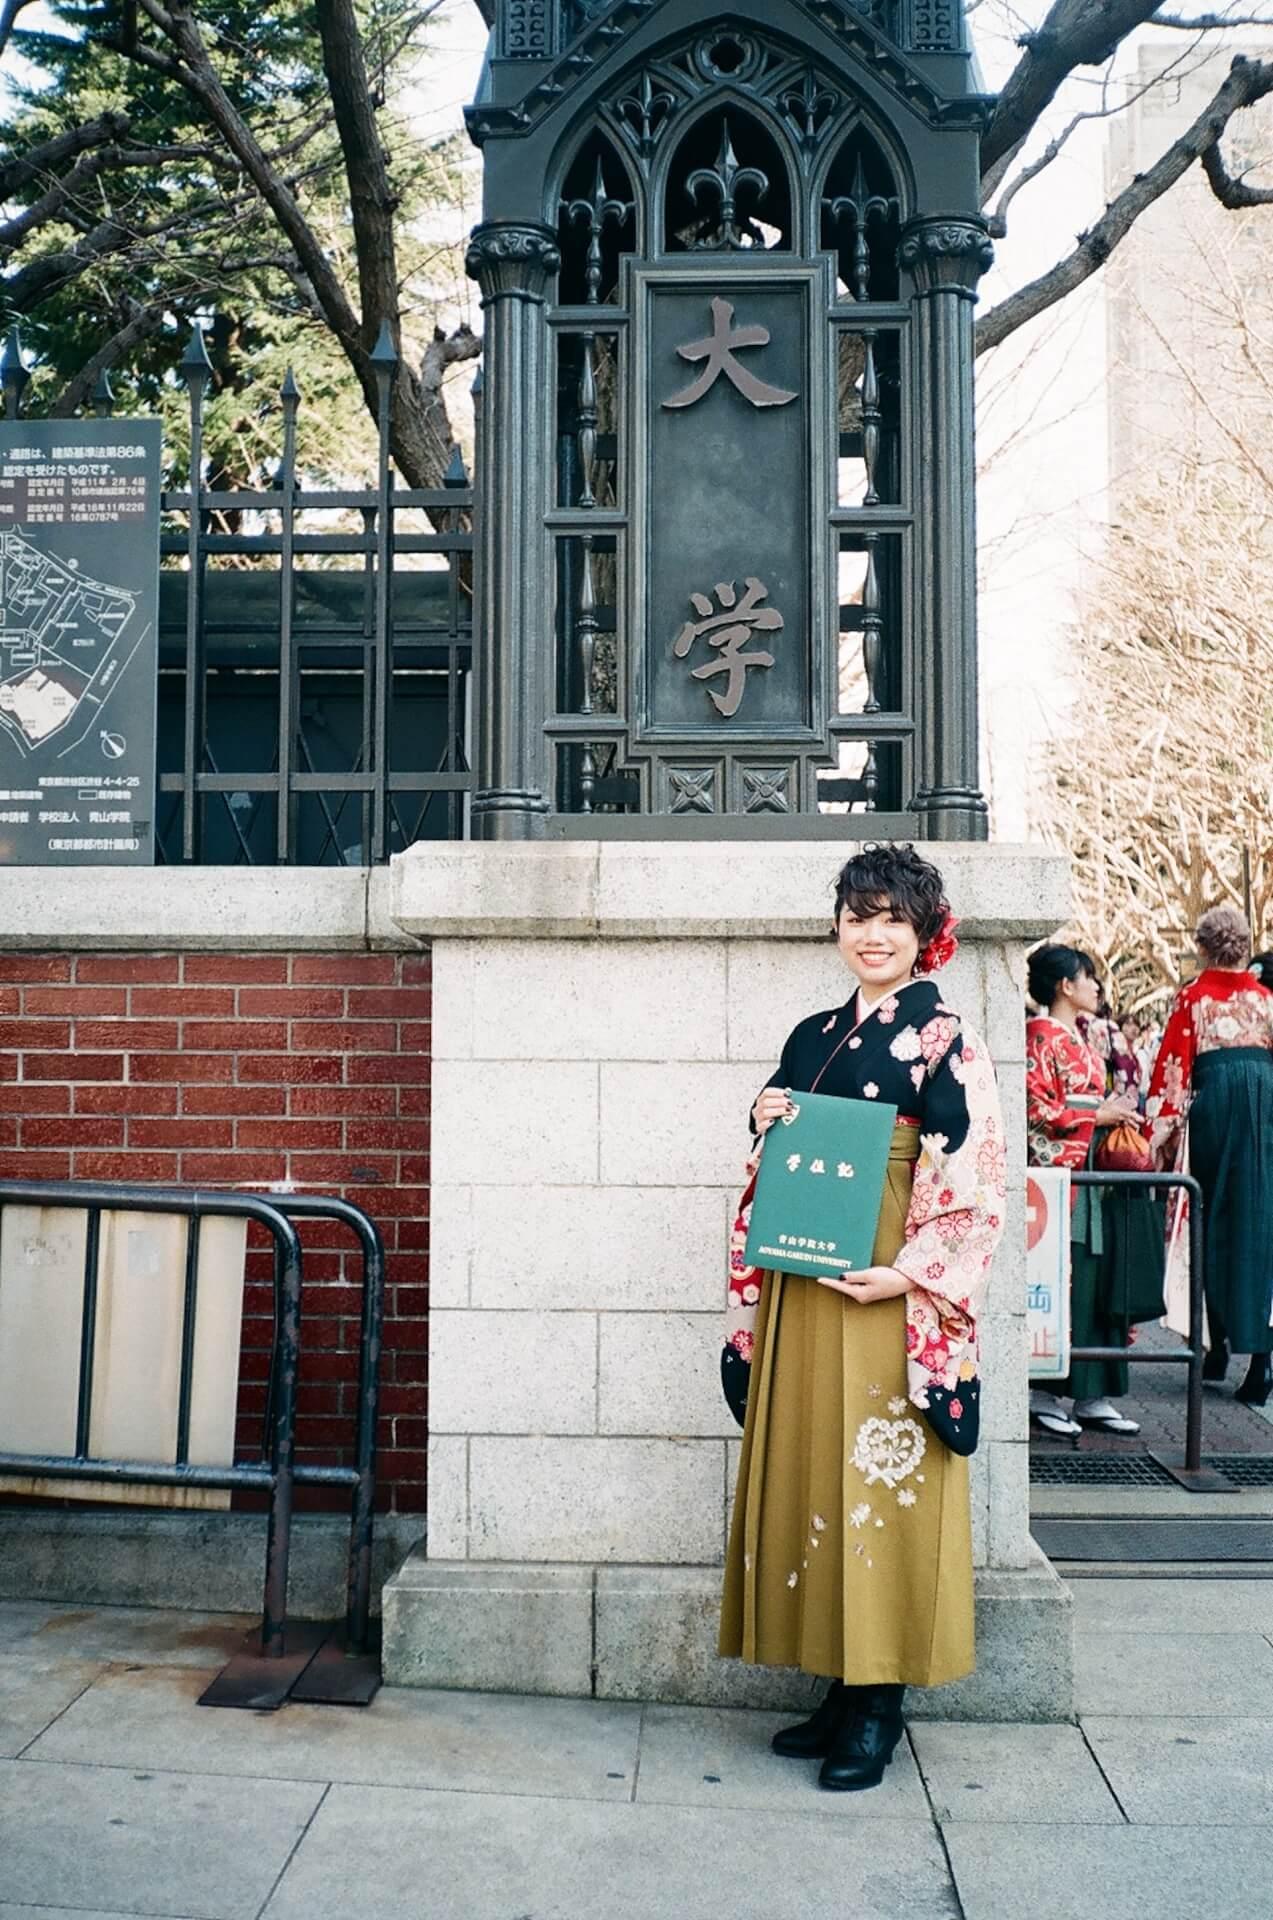 はなむけしゃしん - 菜瑠「卒業」 art200410_hanamukeshashin3_3